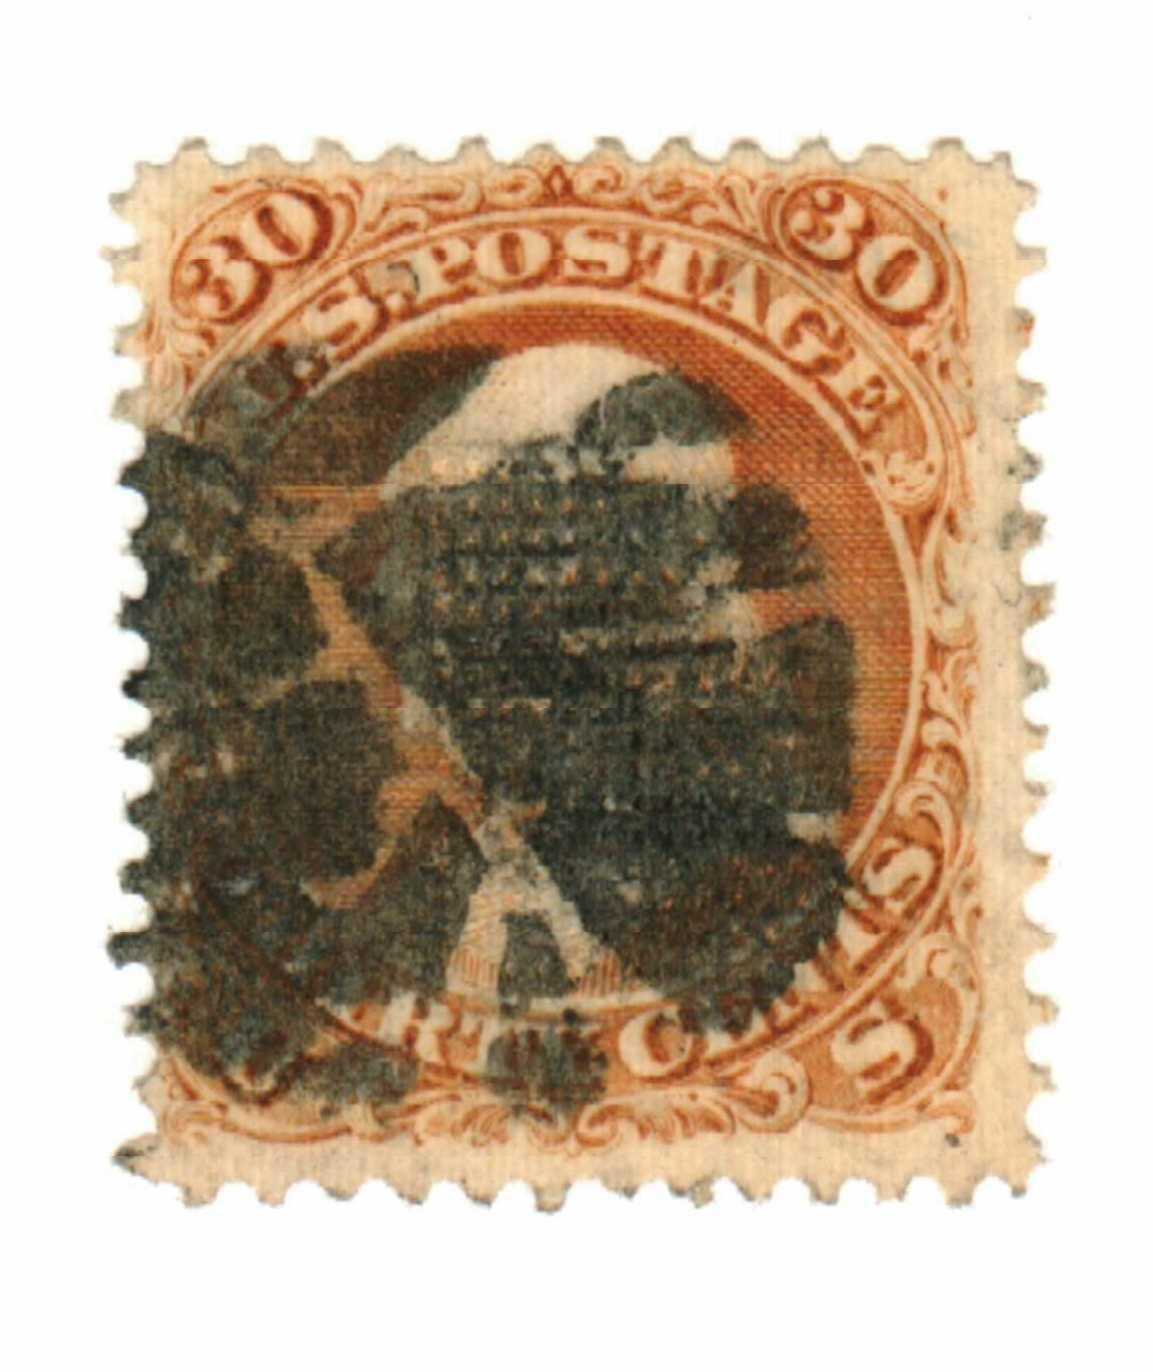 1867 30¢ Benjamin Franklin, orange